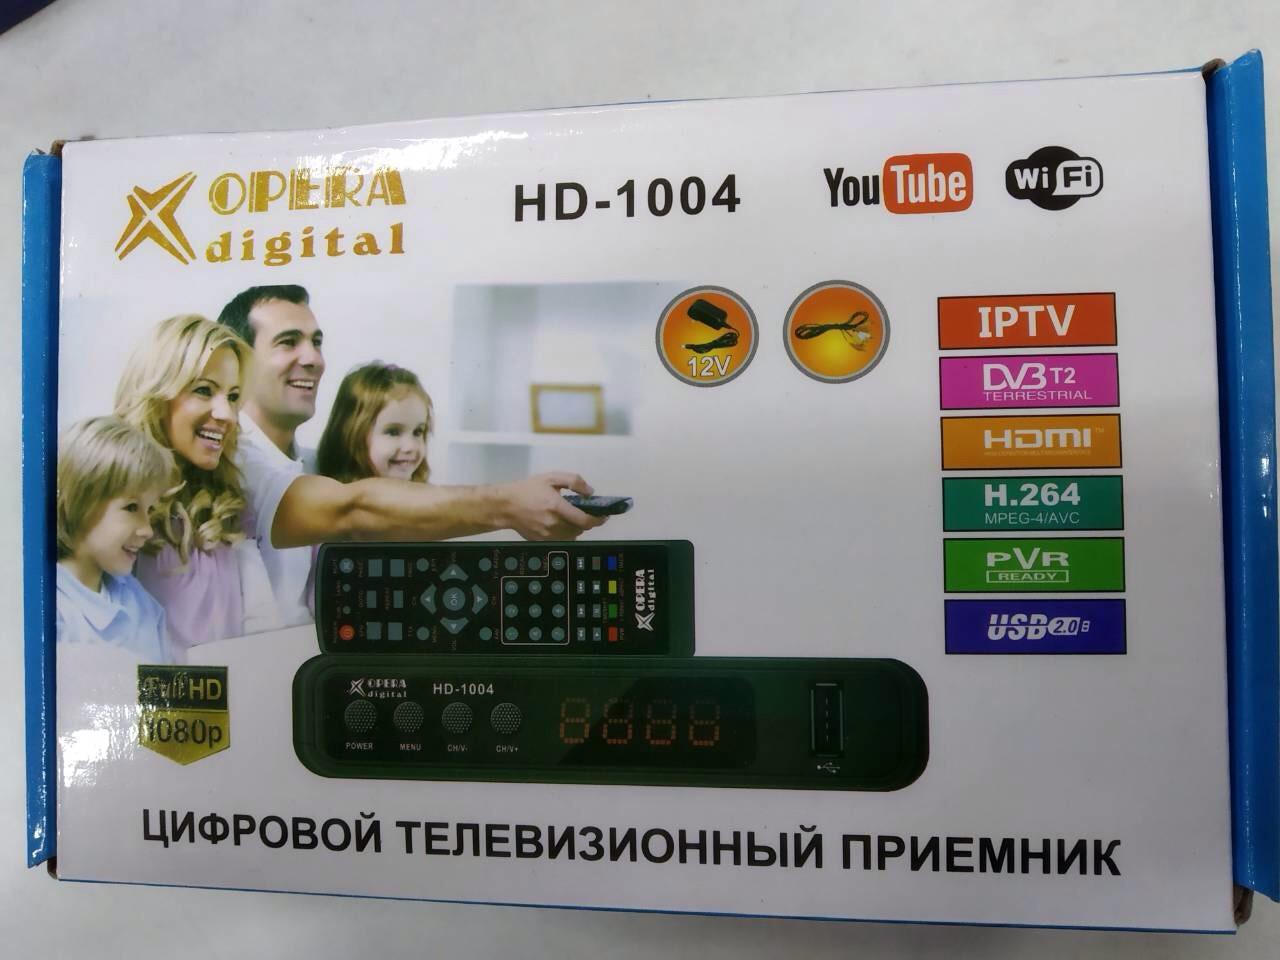 Цифровой ТВ тюнер Т2 Opera HD 1004